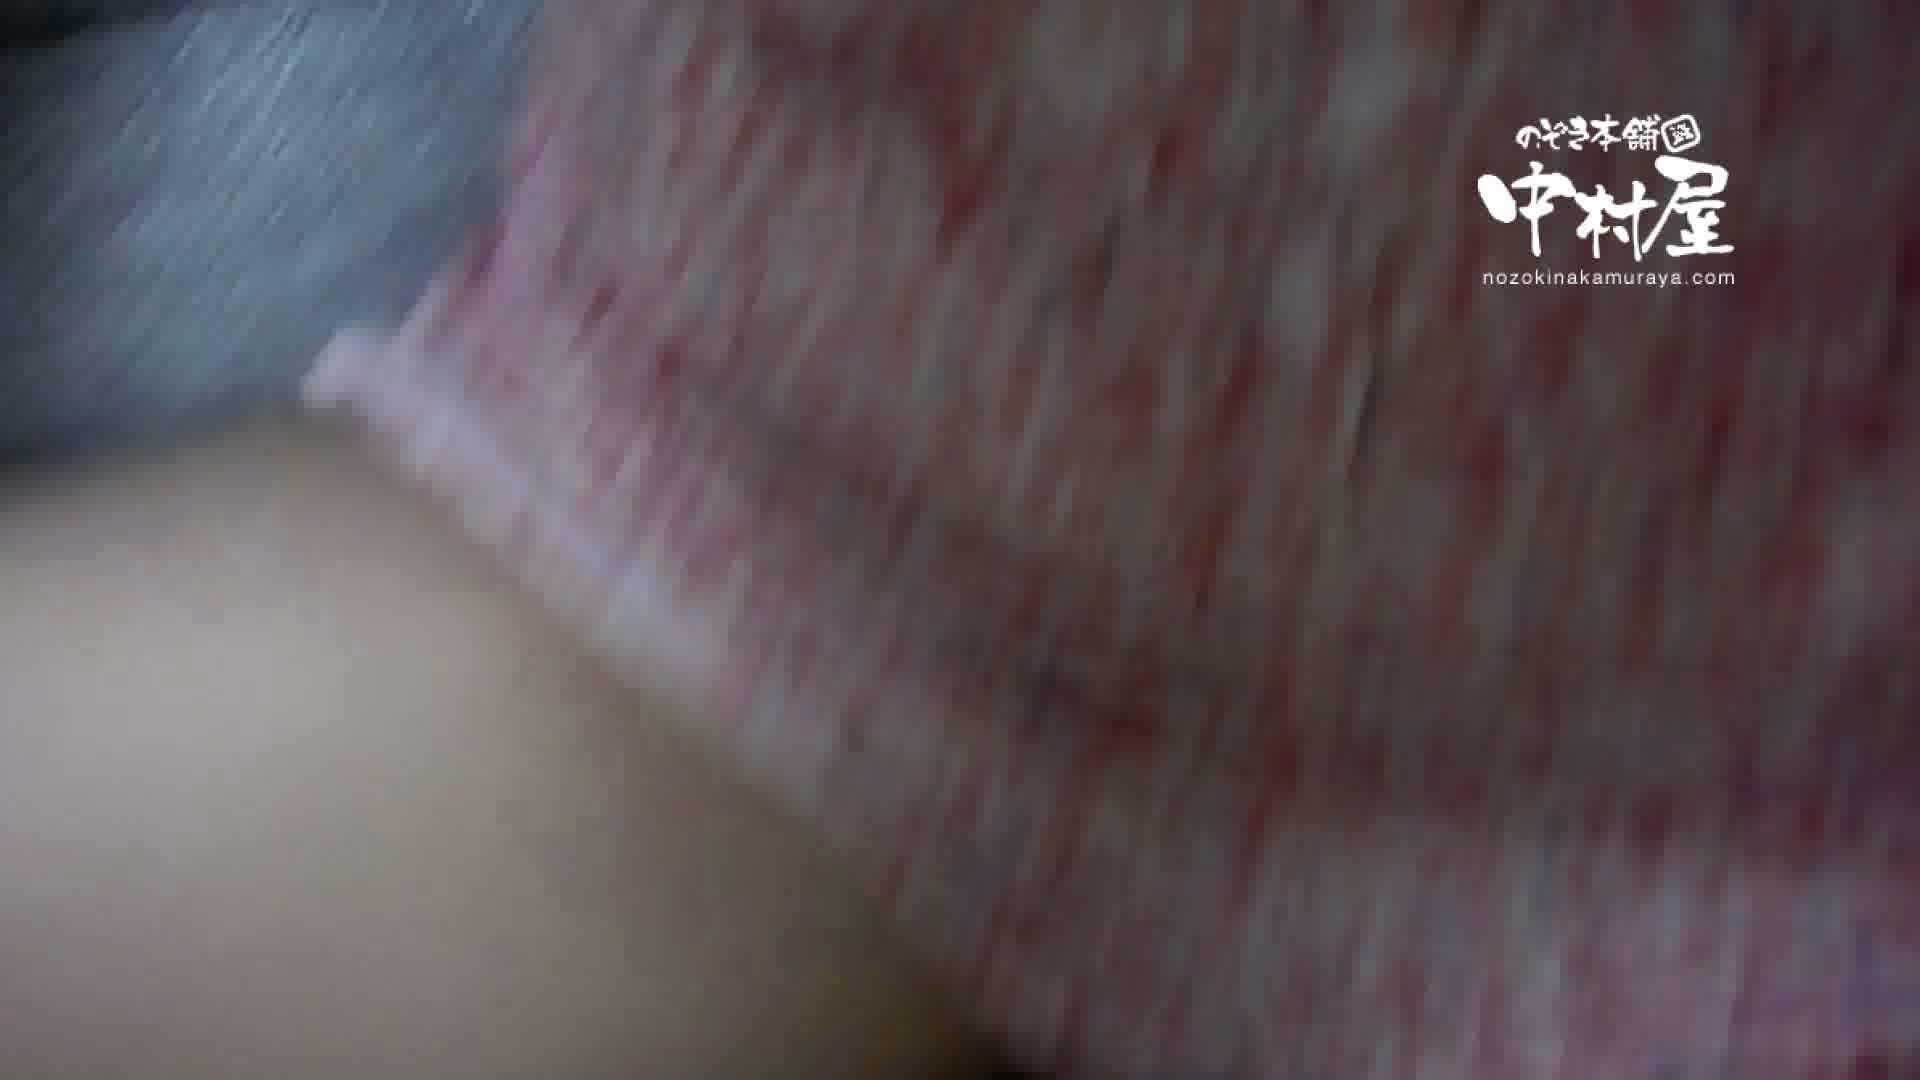 鬼畜 vol.16 実はマンざらでもない柔らかおっぱいちゃん 前編 鬼畜  113PIX 62